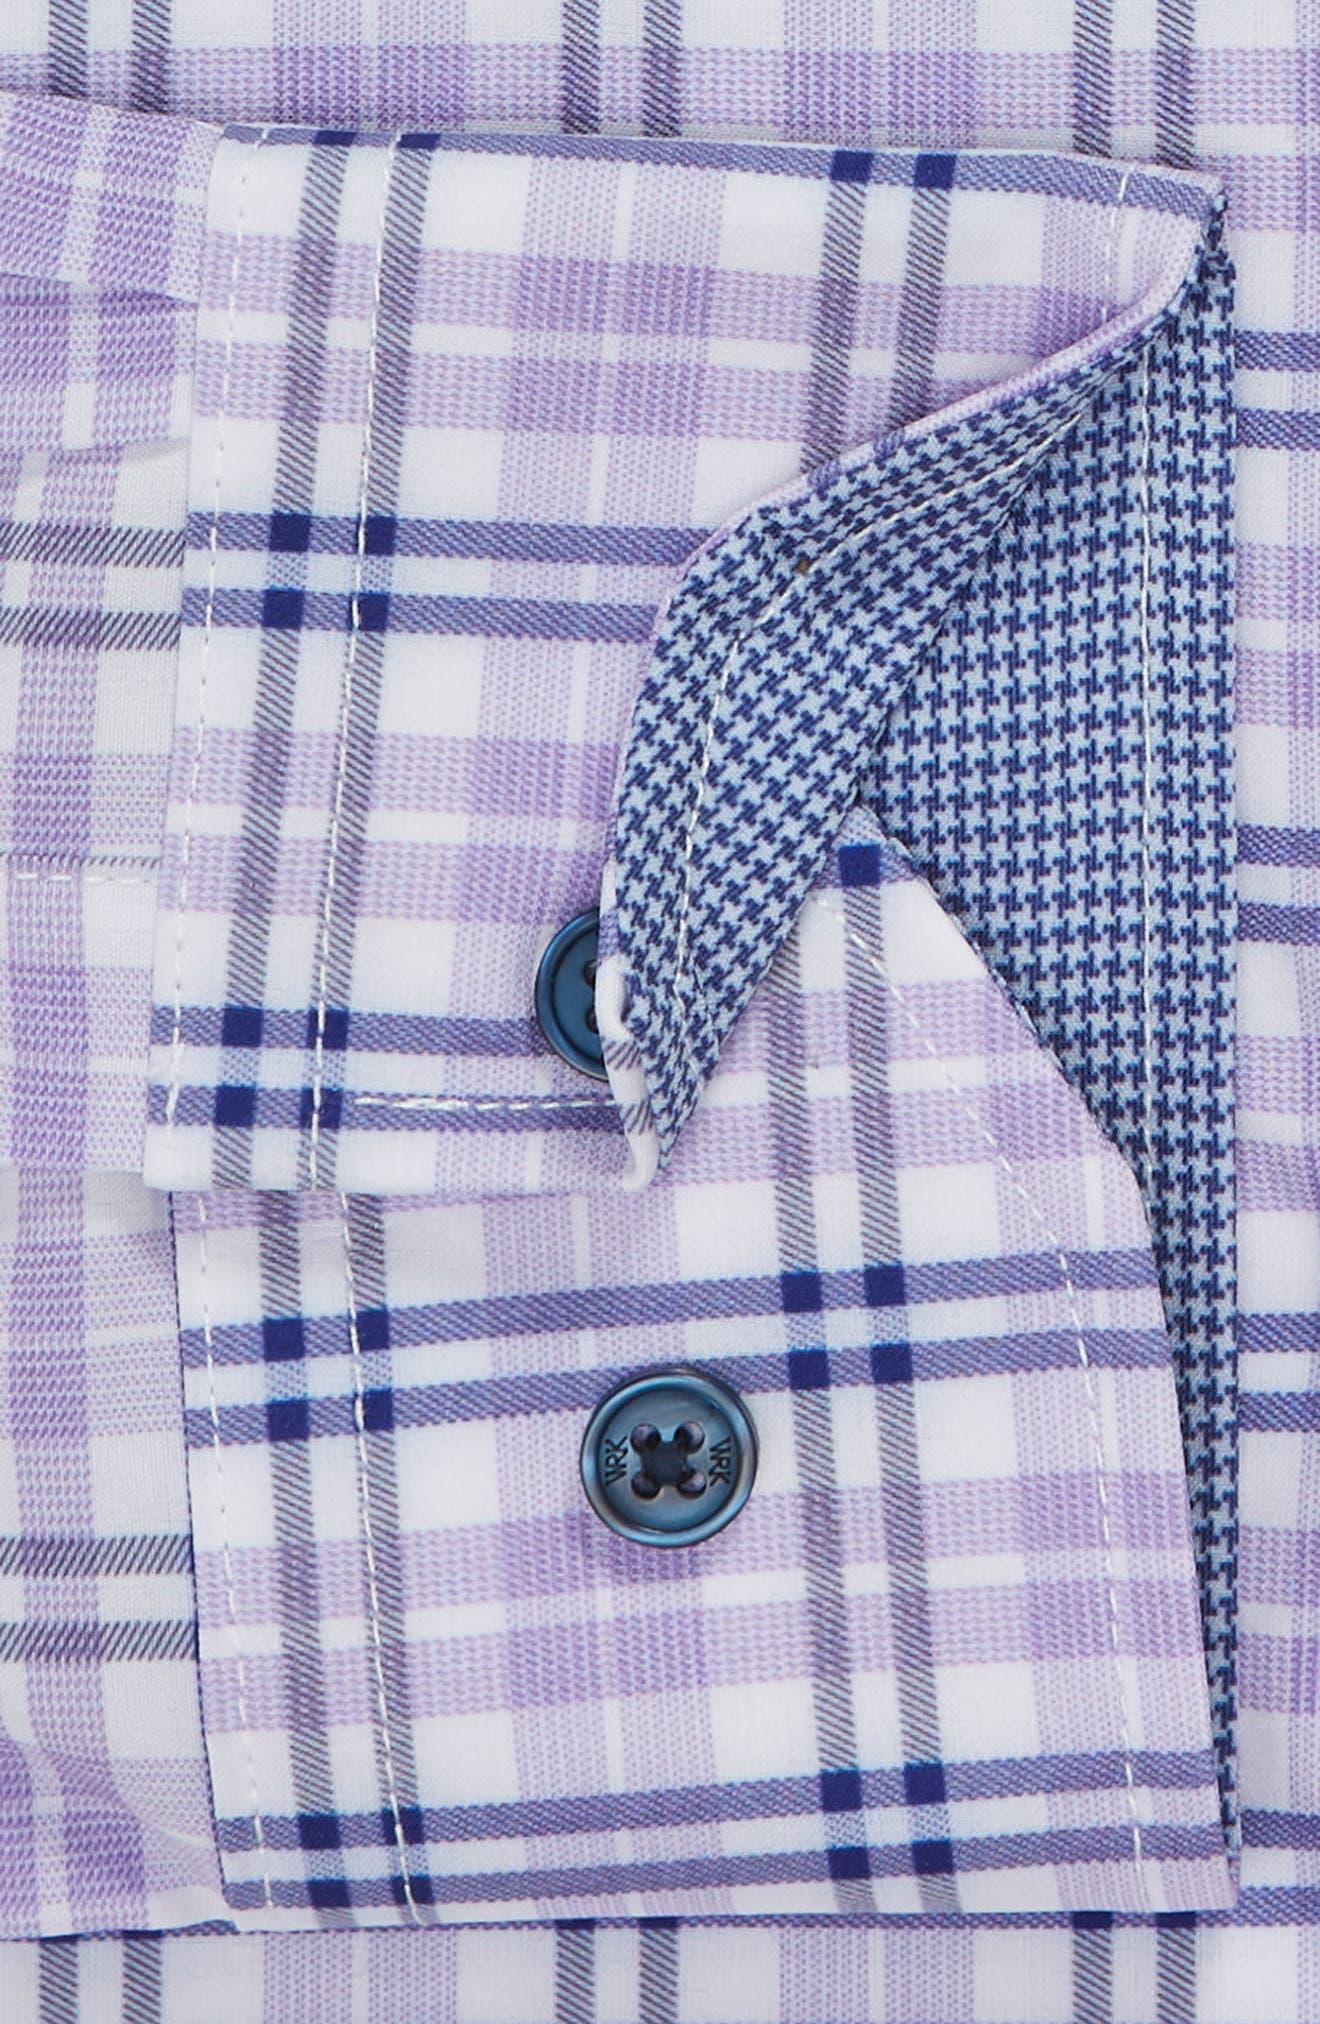 Trim Fit 4-Way Stretch Plaid Dress Shirt,                             Alternate thumbnail 6, color,                             PURPLE